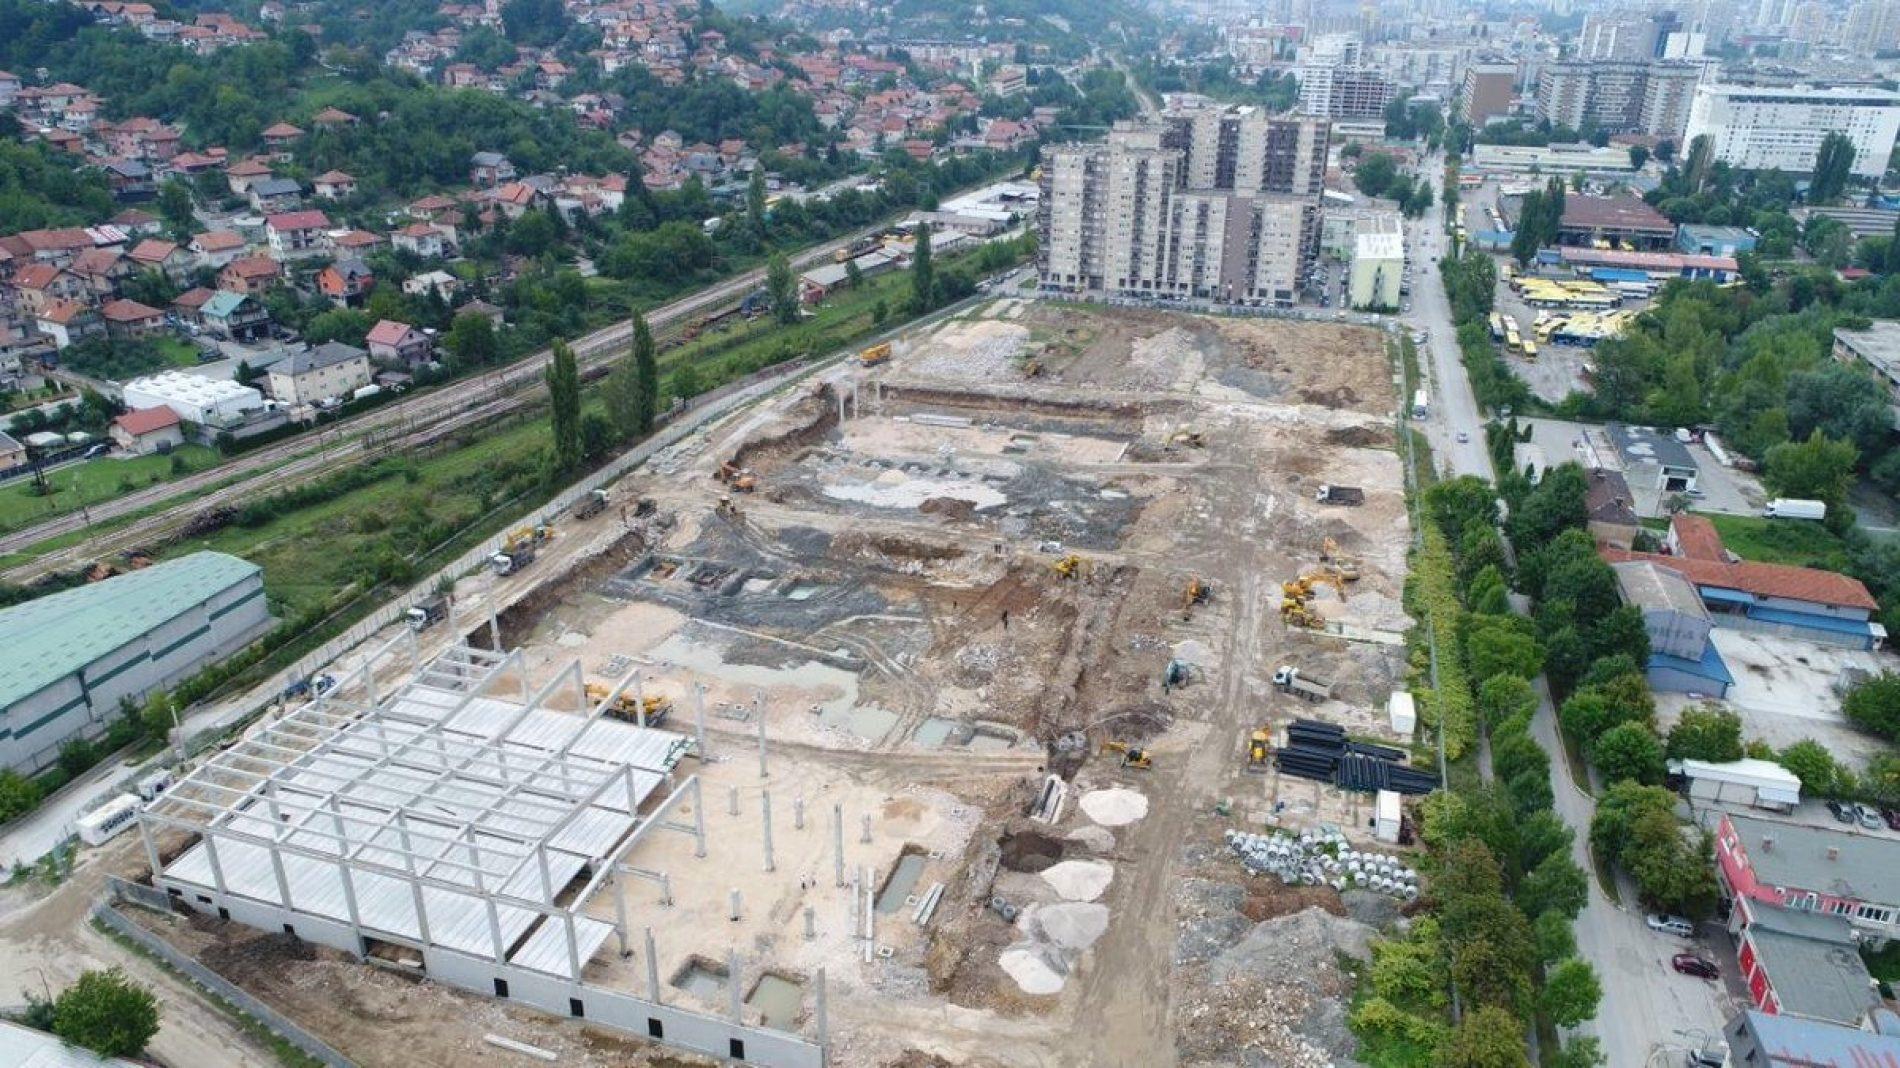 FUCZ onesposobio i drugu avio-bombu pronađenu kod RTV doma u Sarajevu